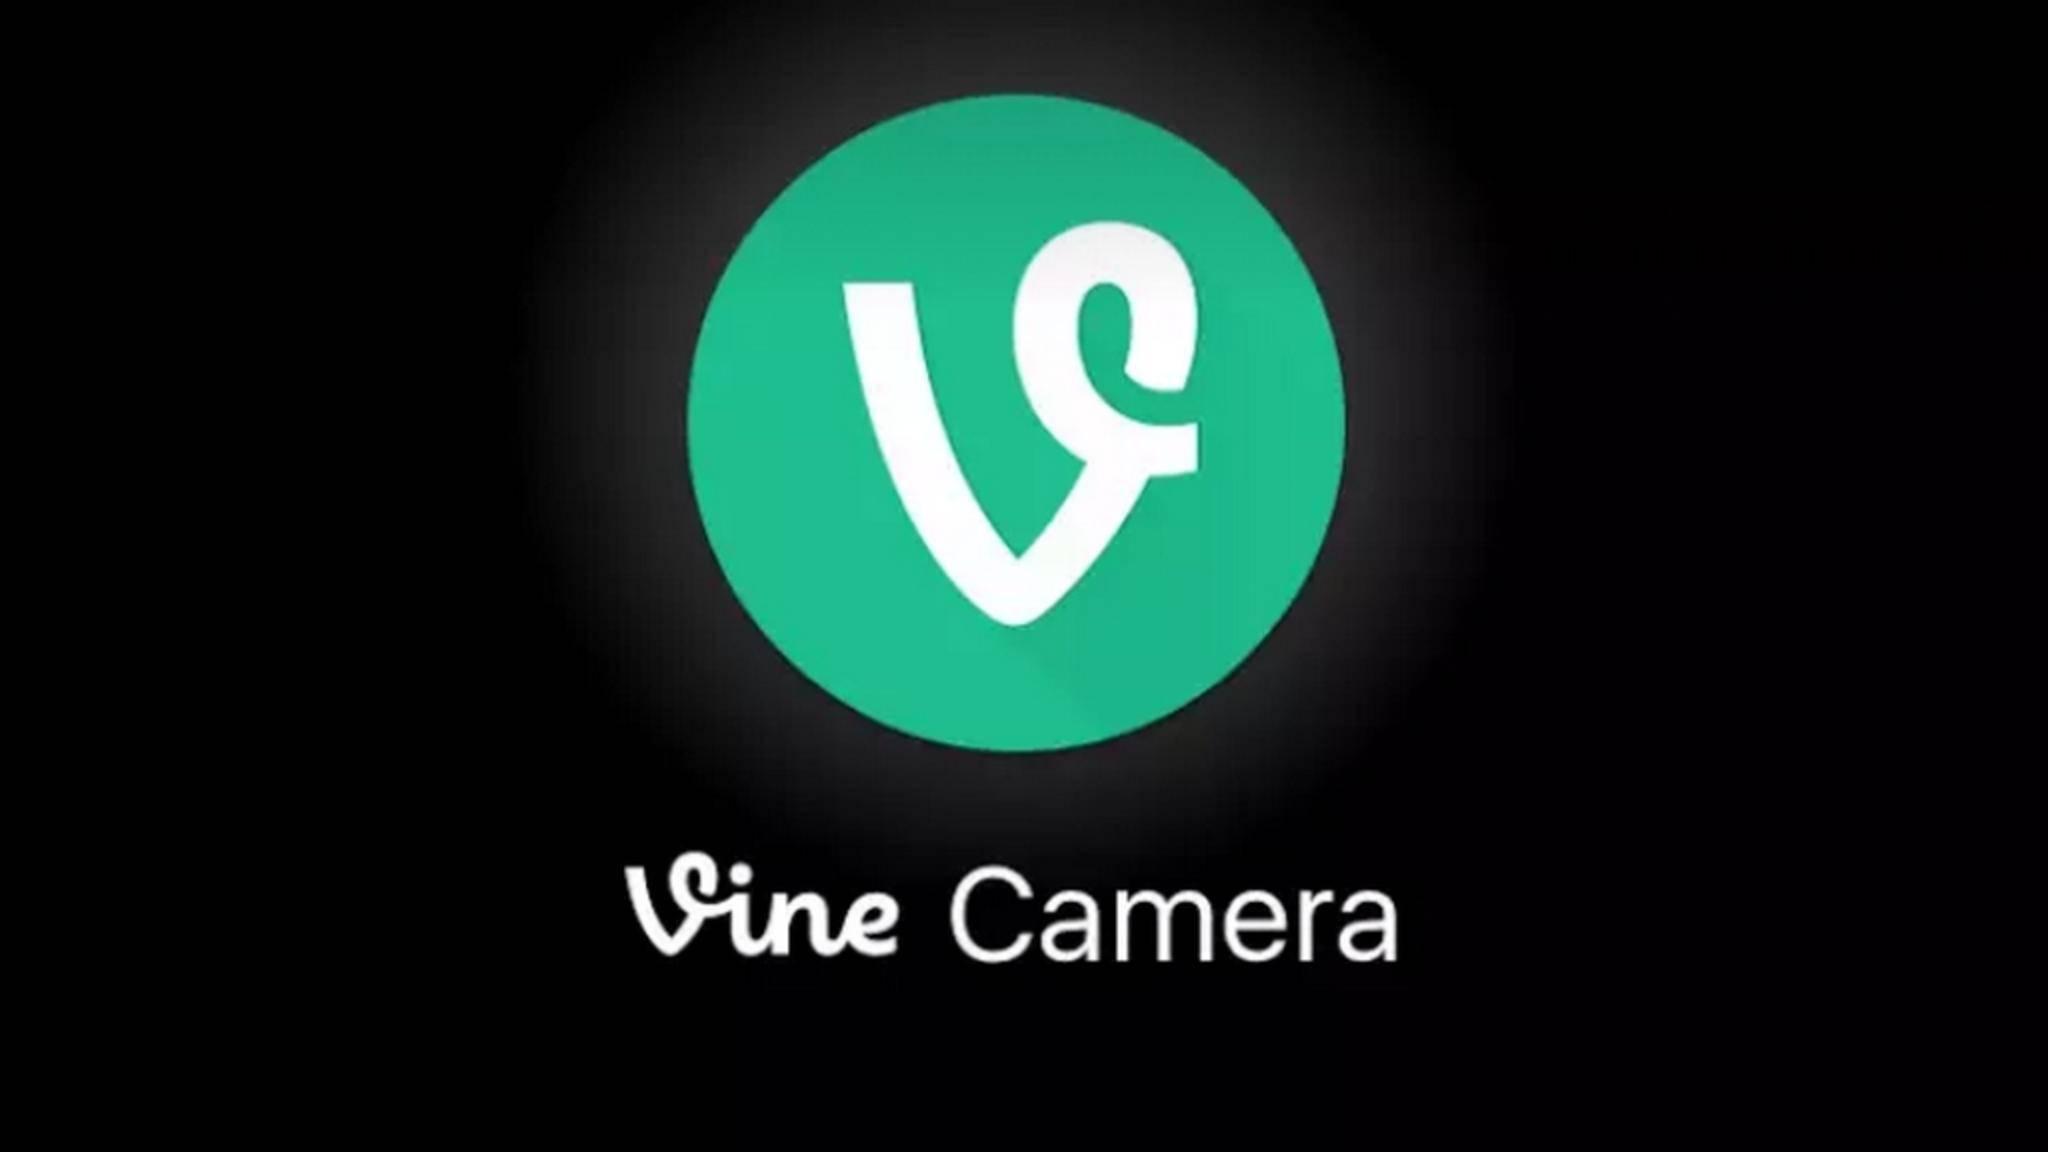 Vine Camera ersetzt ab sofort die alte Vine-App.